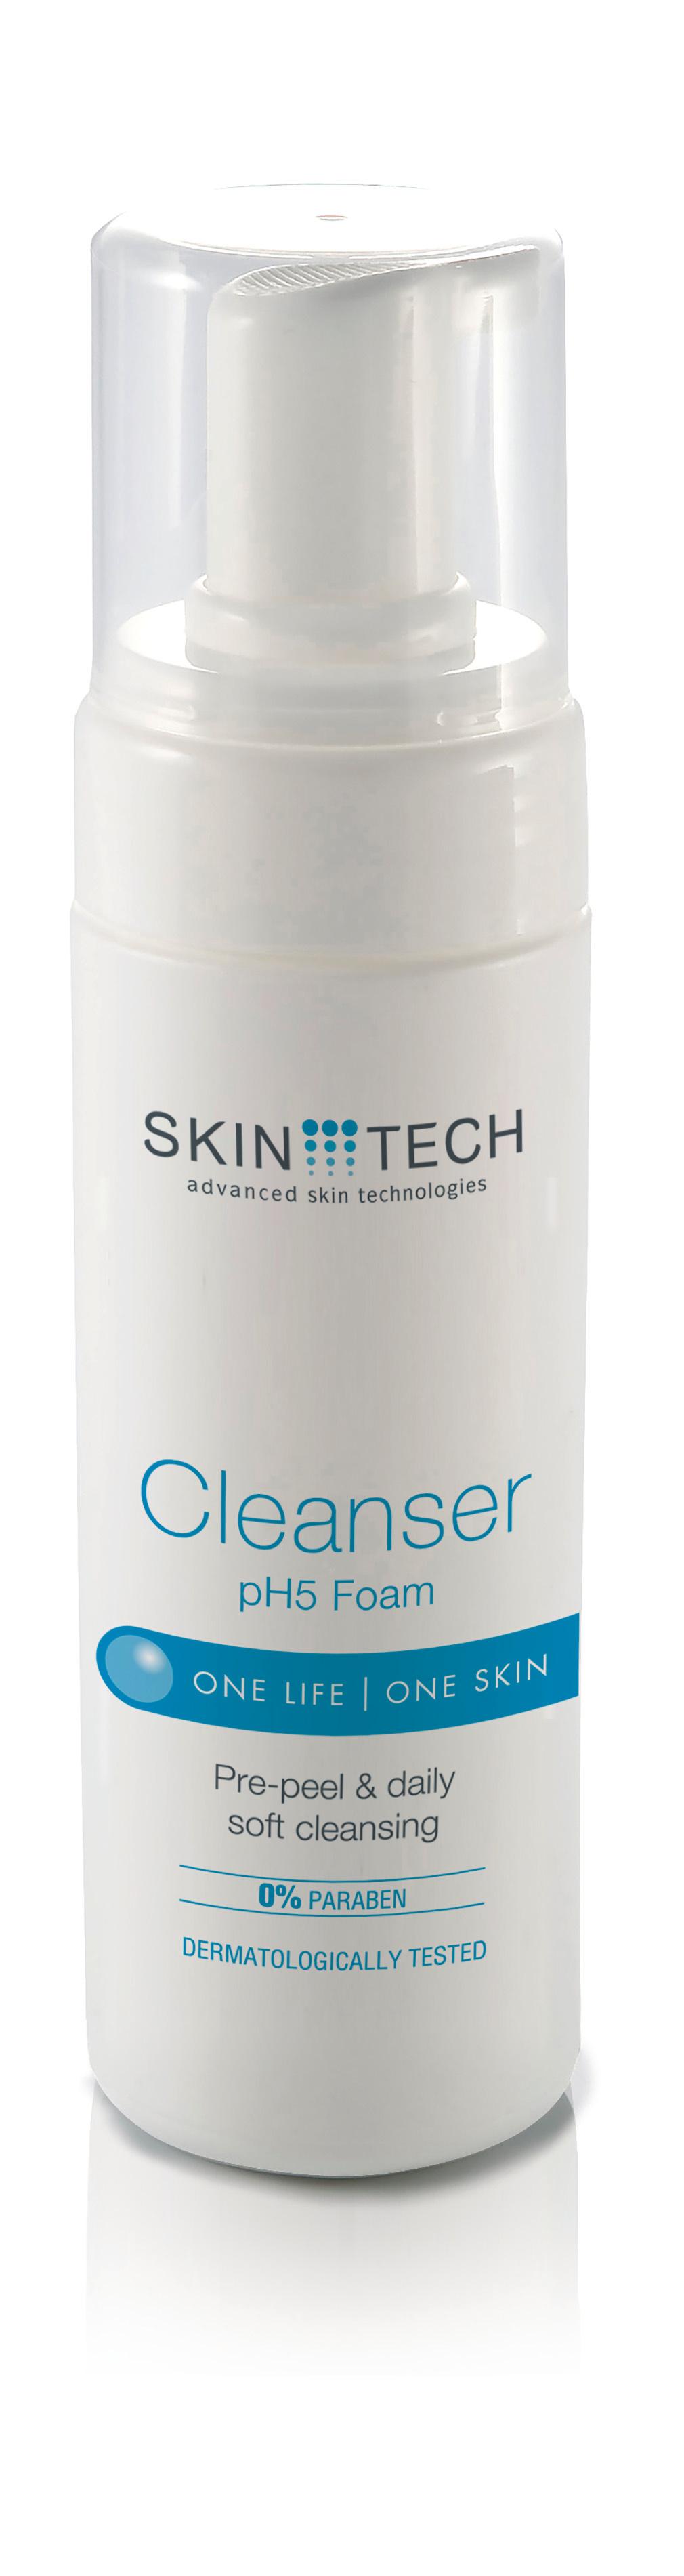 SKINTECH 溫和乳酸洗面乳 Cleanser